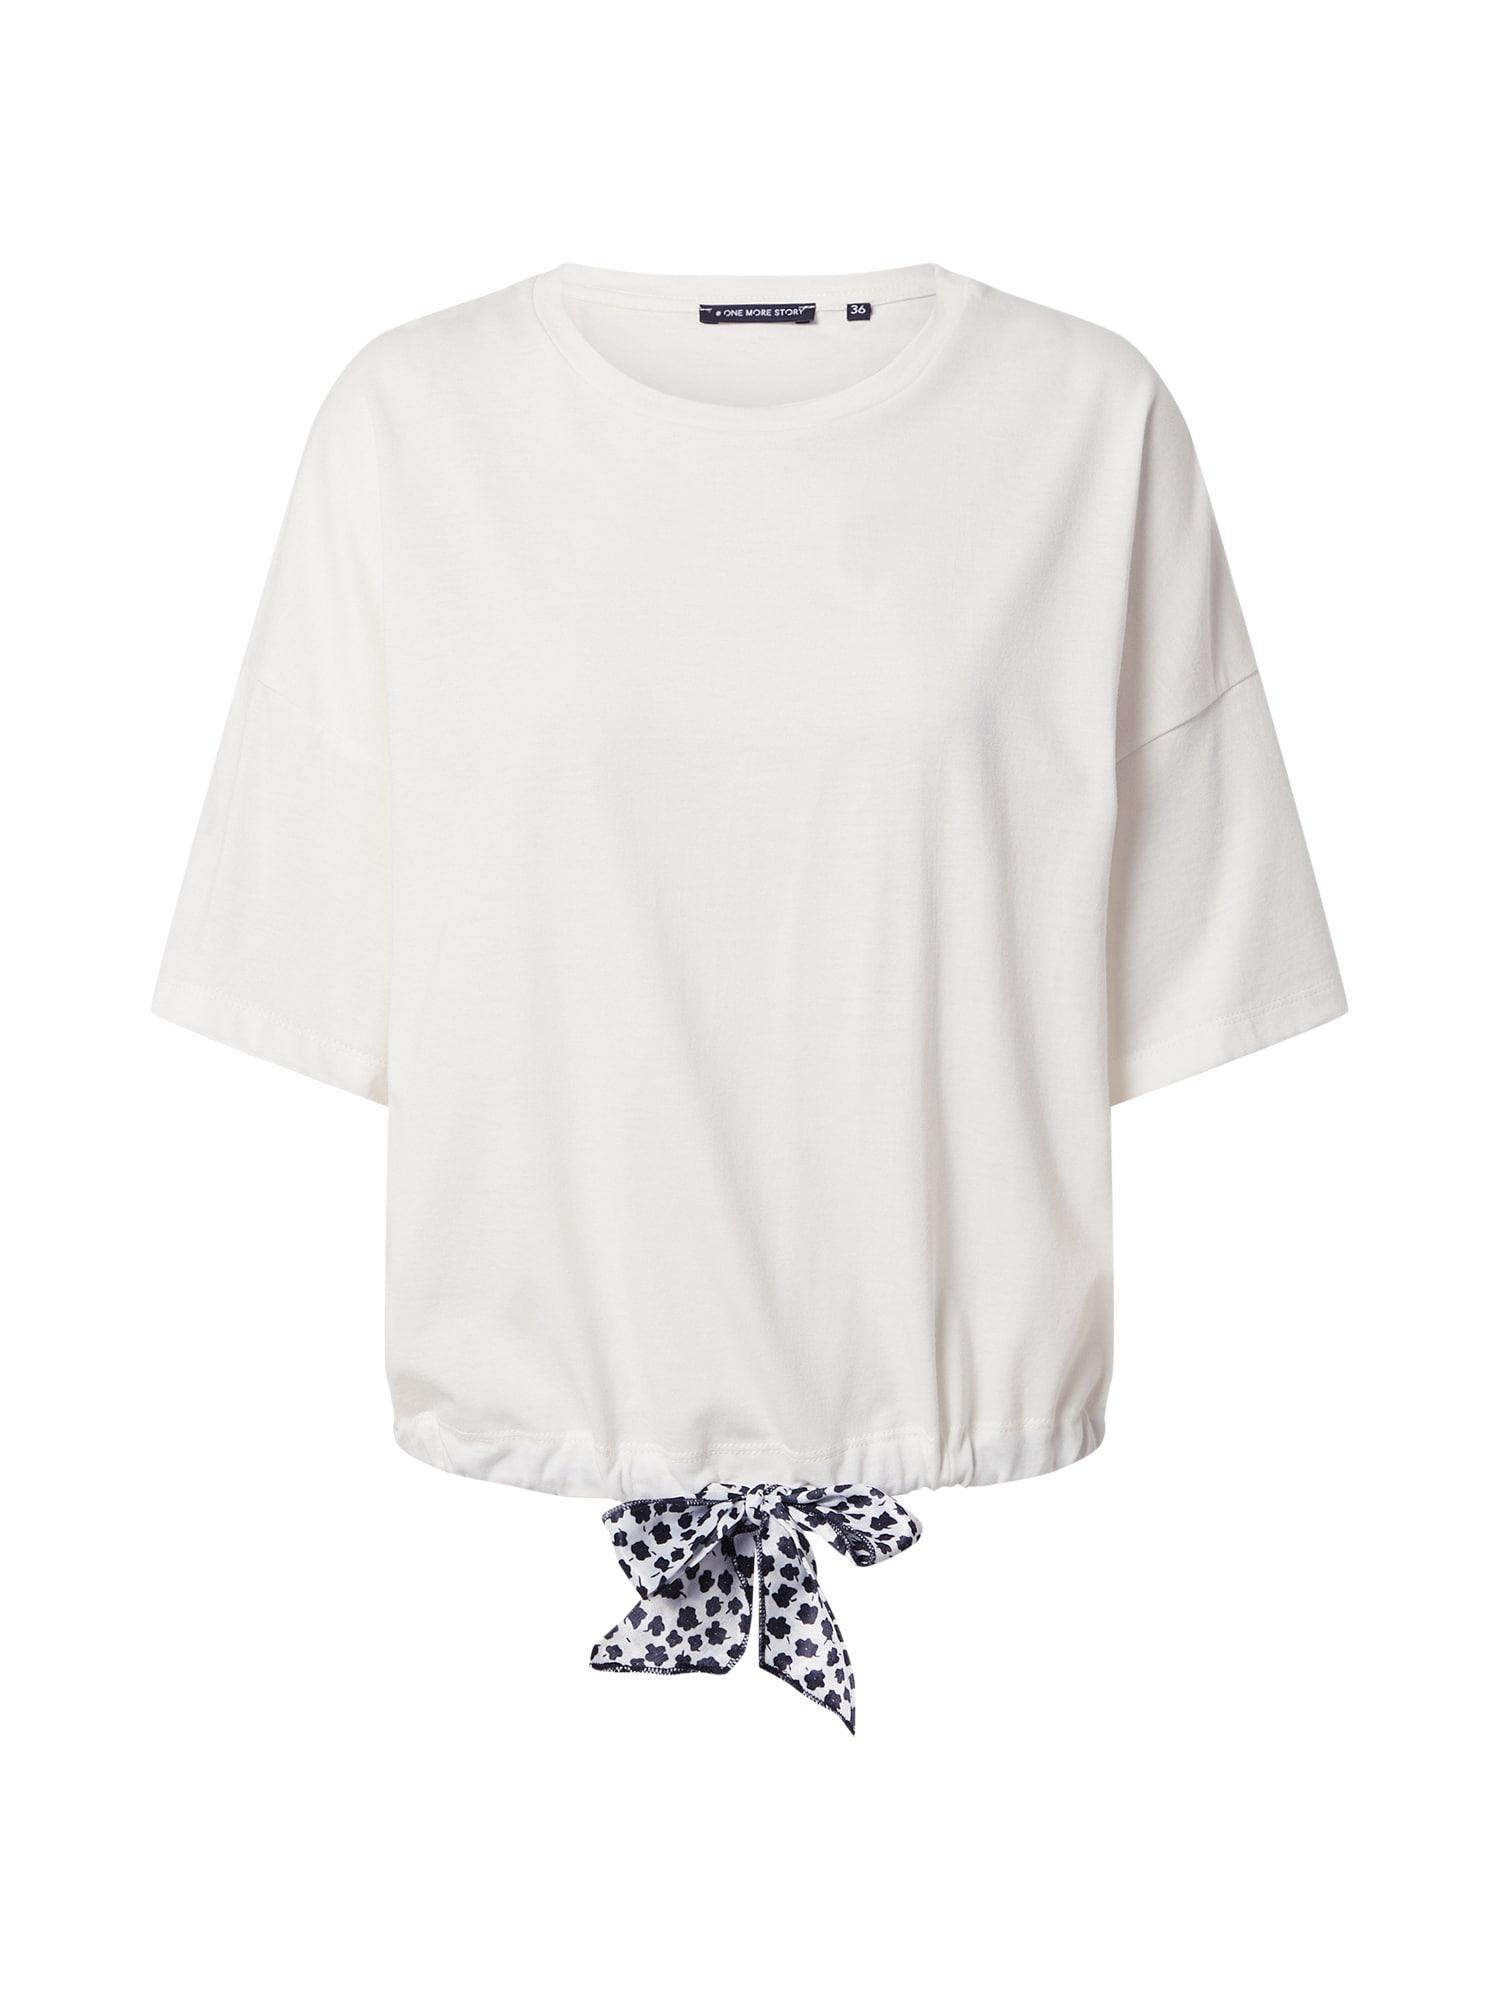 ONE MORE STORY Marškinėliai balta / tamsiai mėlyna